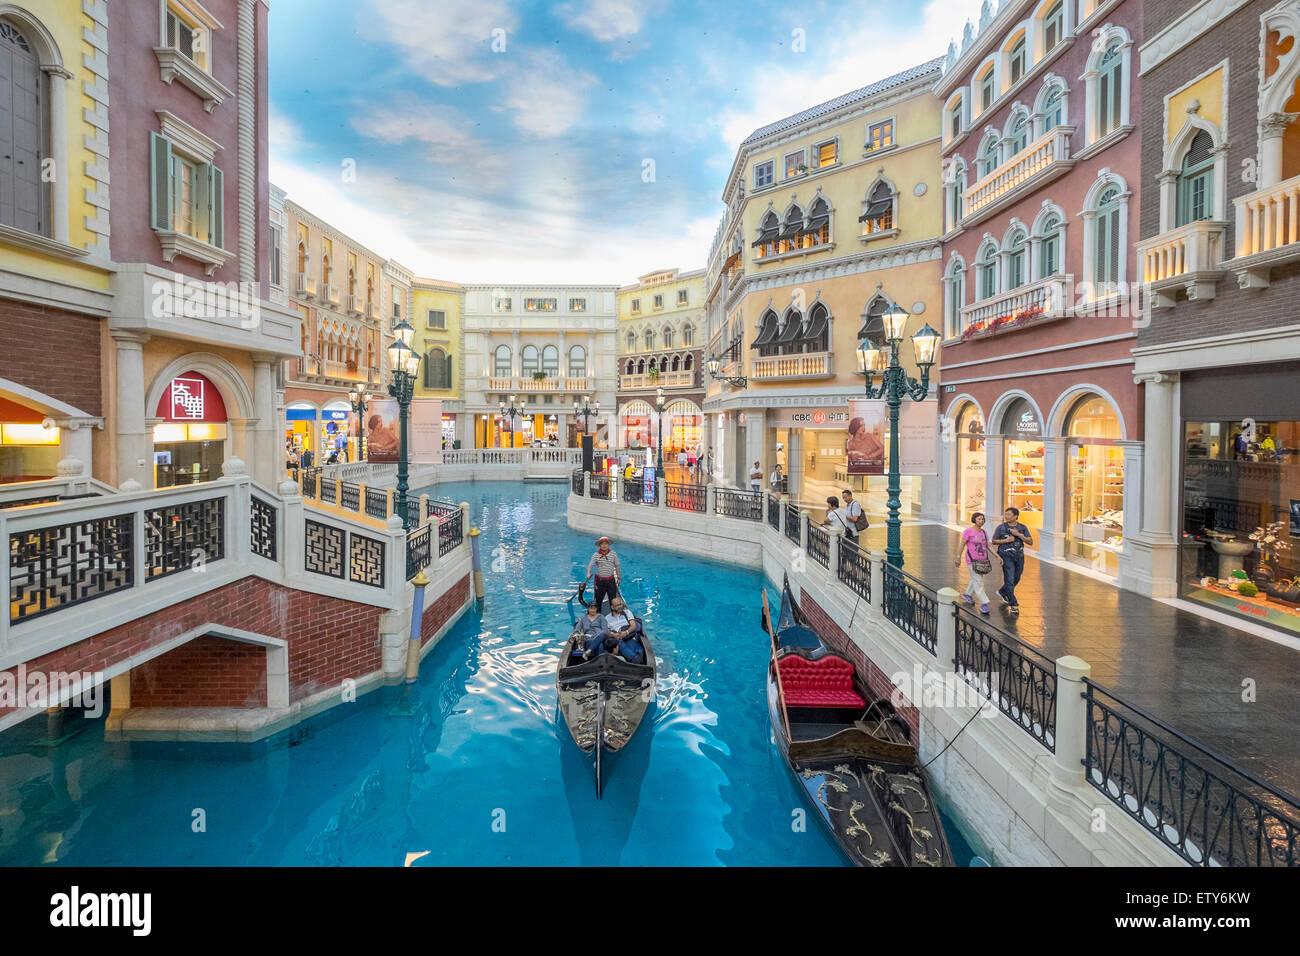 Canal et Gondola sur canal à l'intérieur du Venetian Macao casino et hôtel à Macao Chine Photo Stock